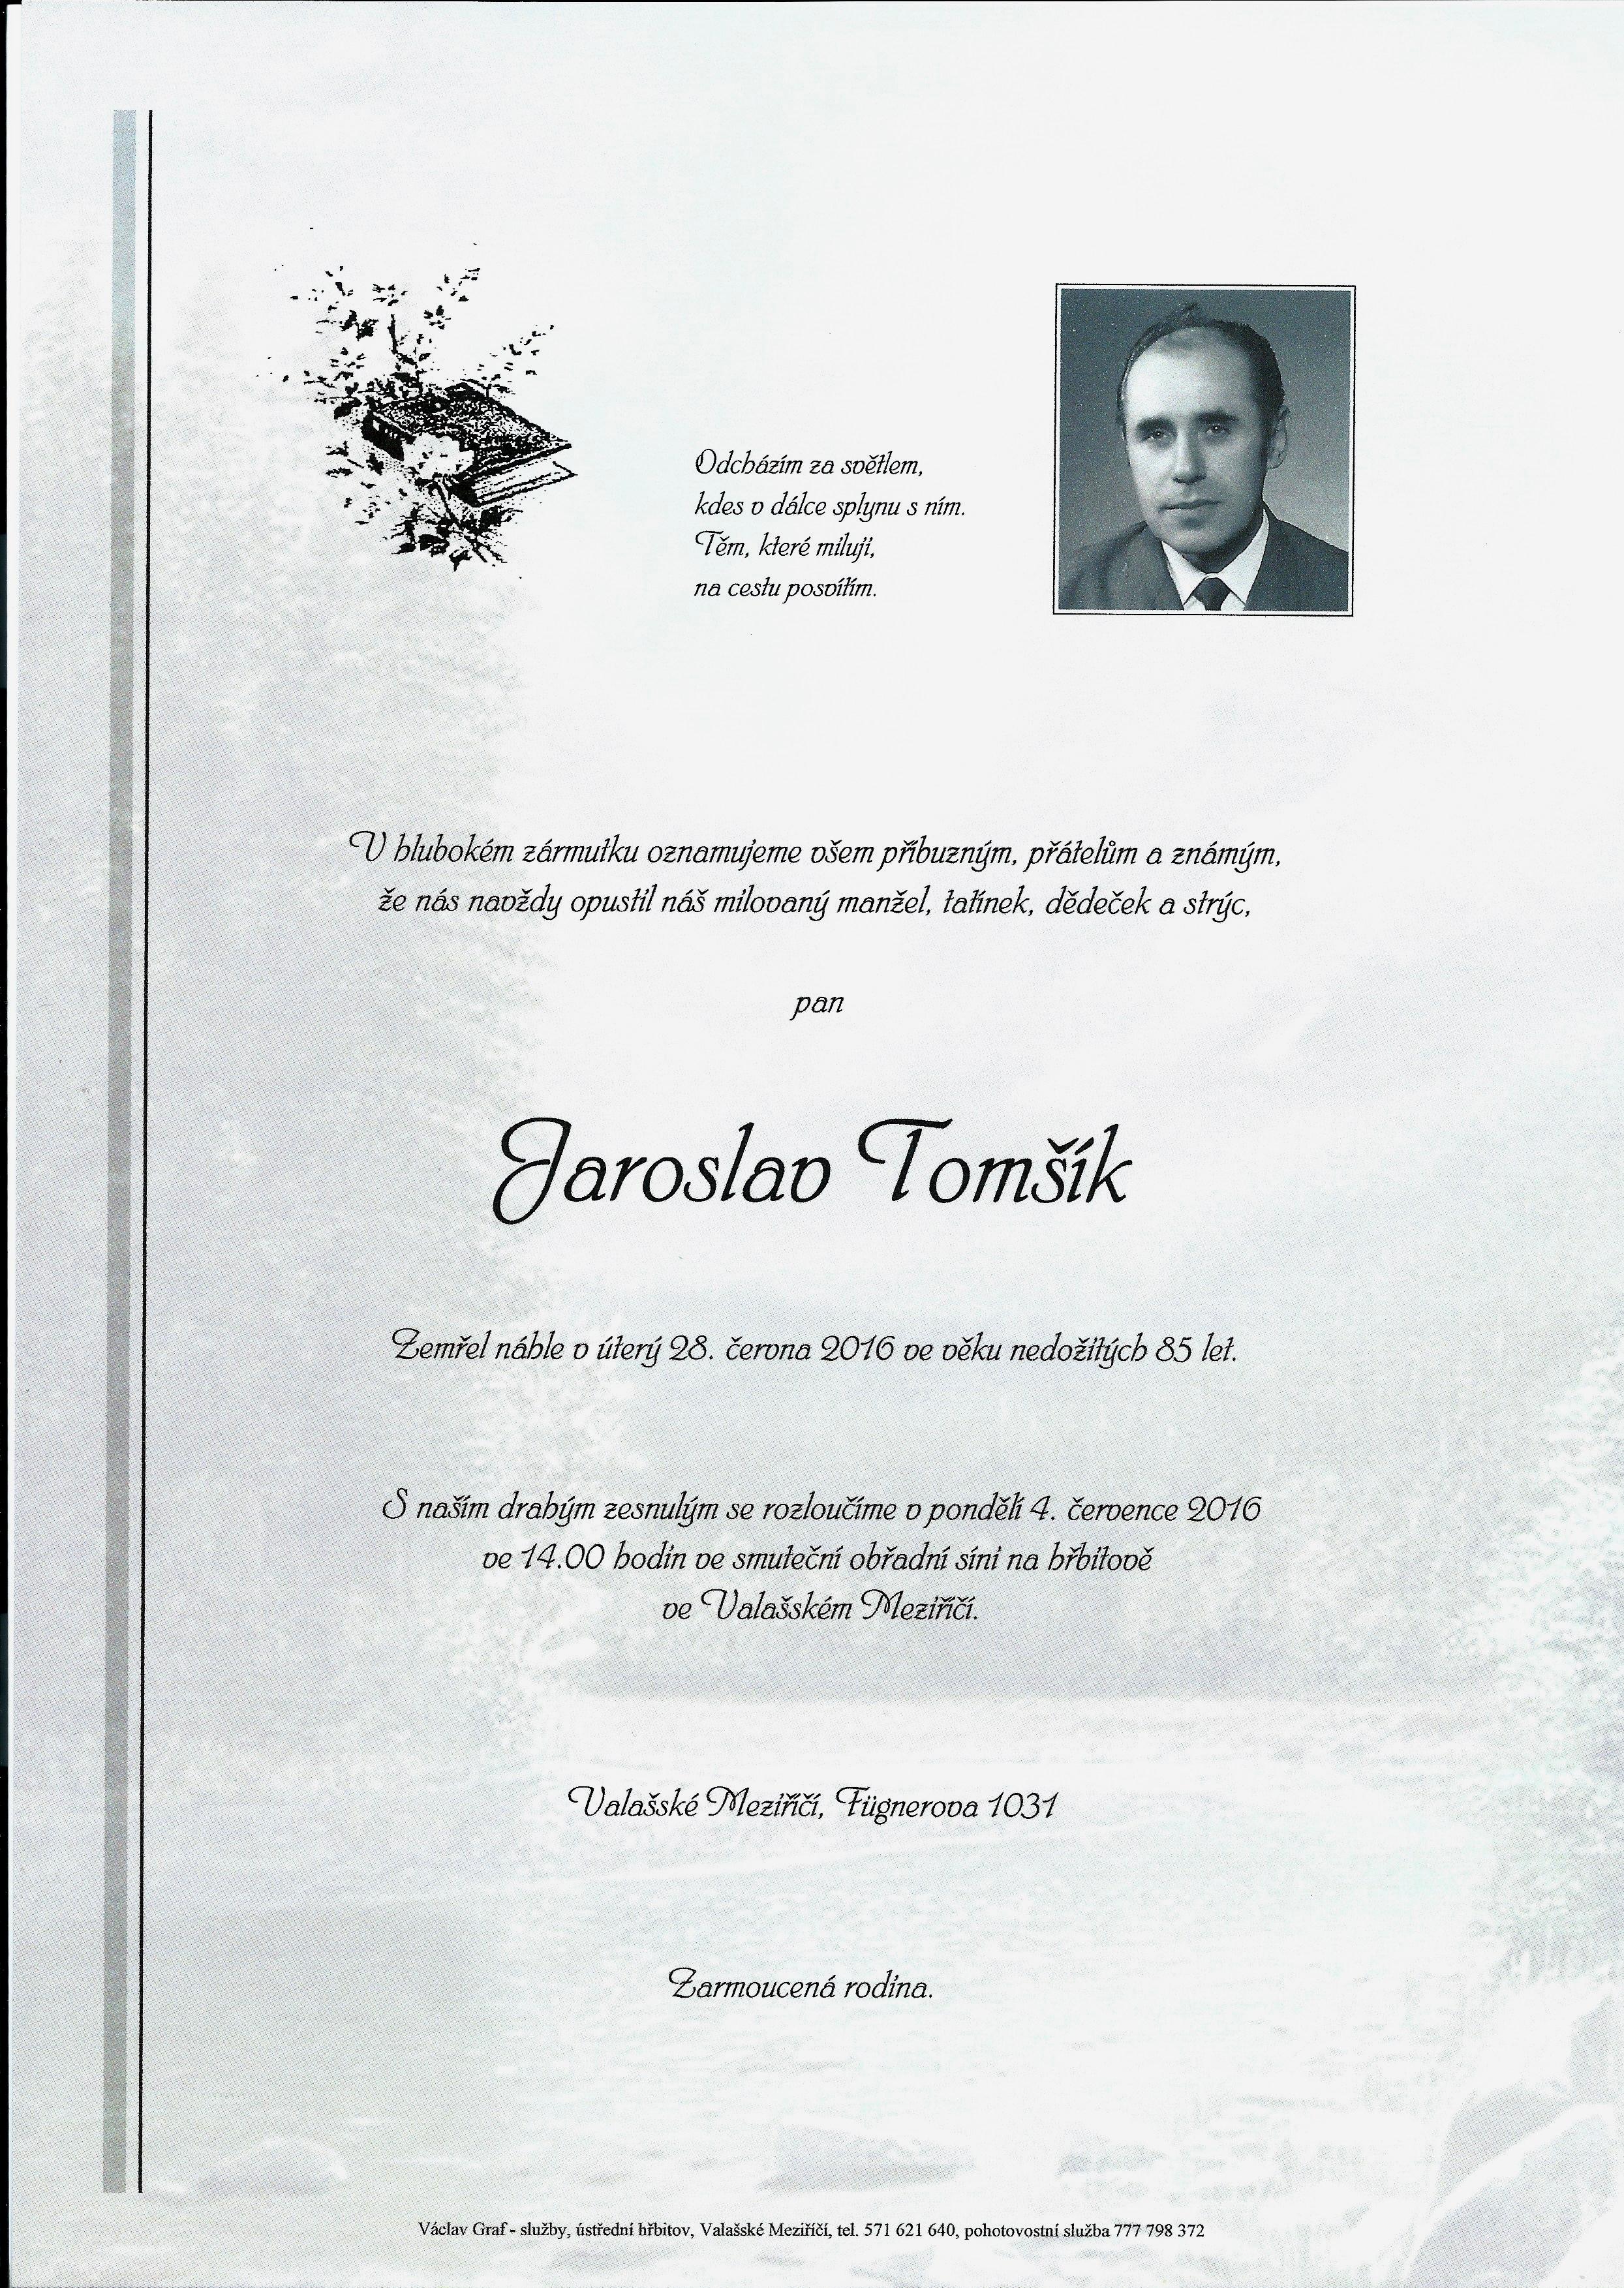 Jaroslav Tomšík